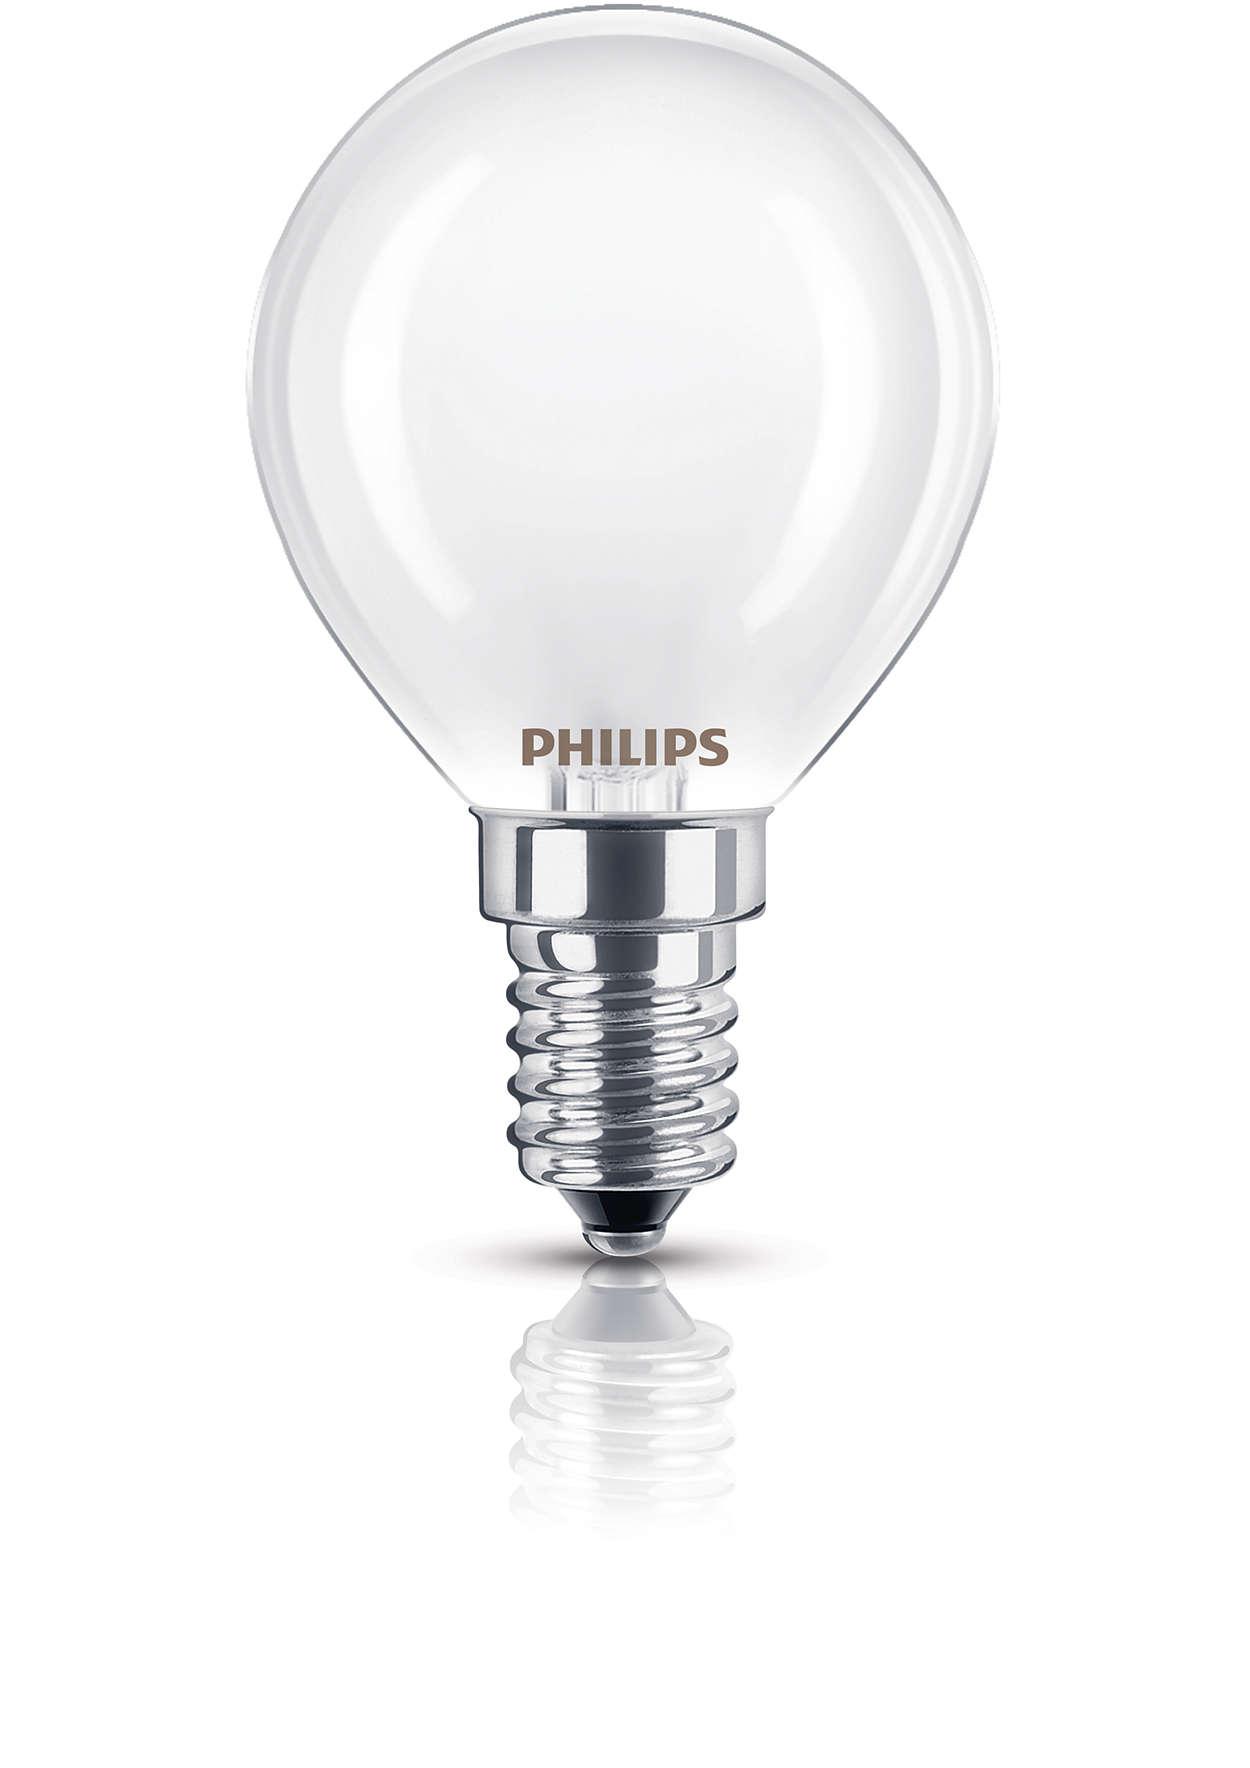 Ampoule opaque pour éclairage tamisé